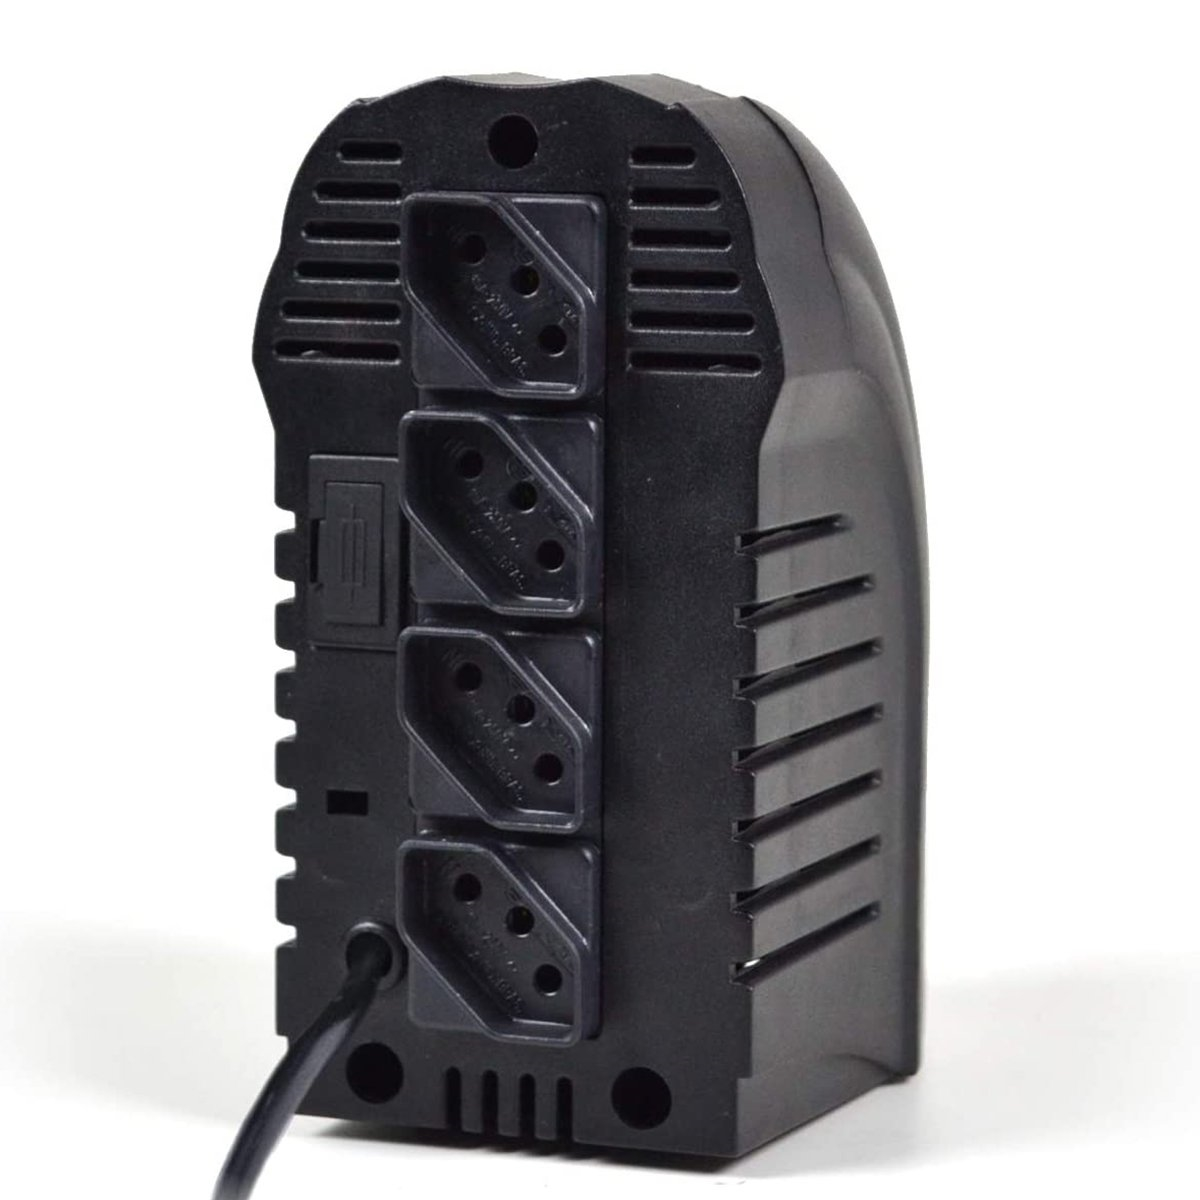 Estabilizador TS SHARA 300VA Bivolt 115/220V Preto #9001 - PC FLORIPA